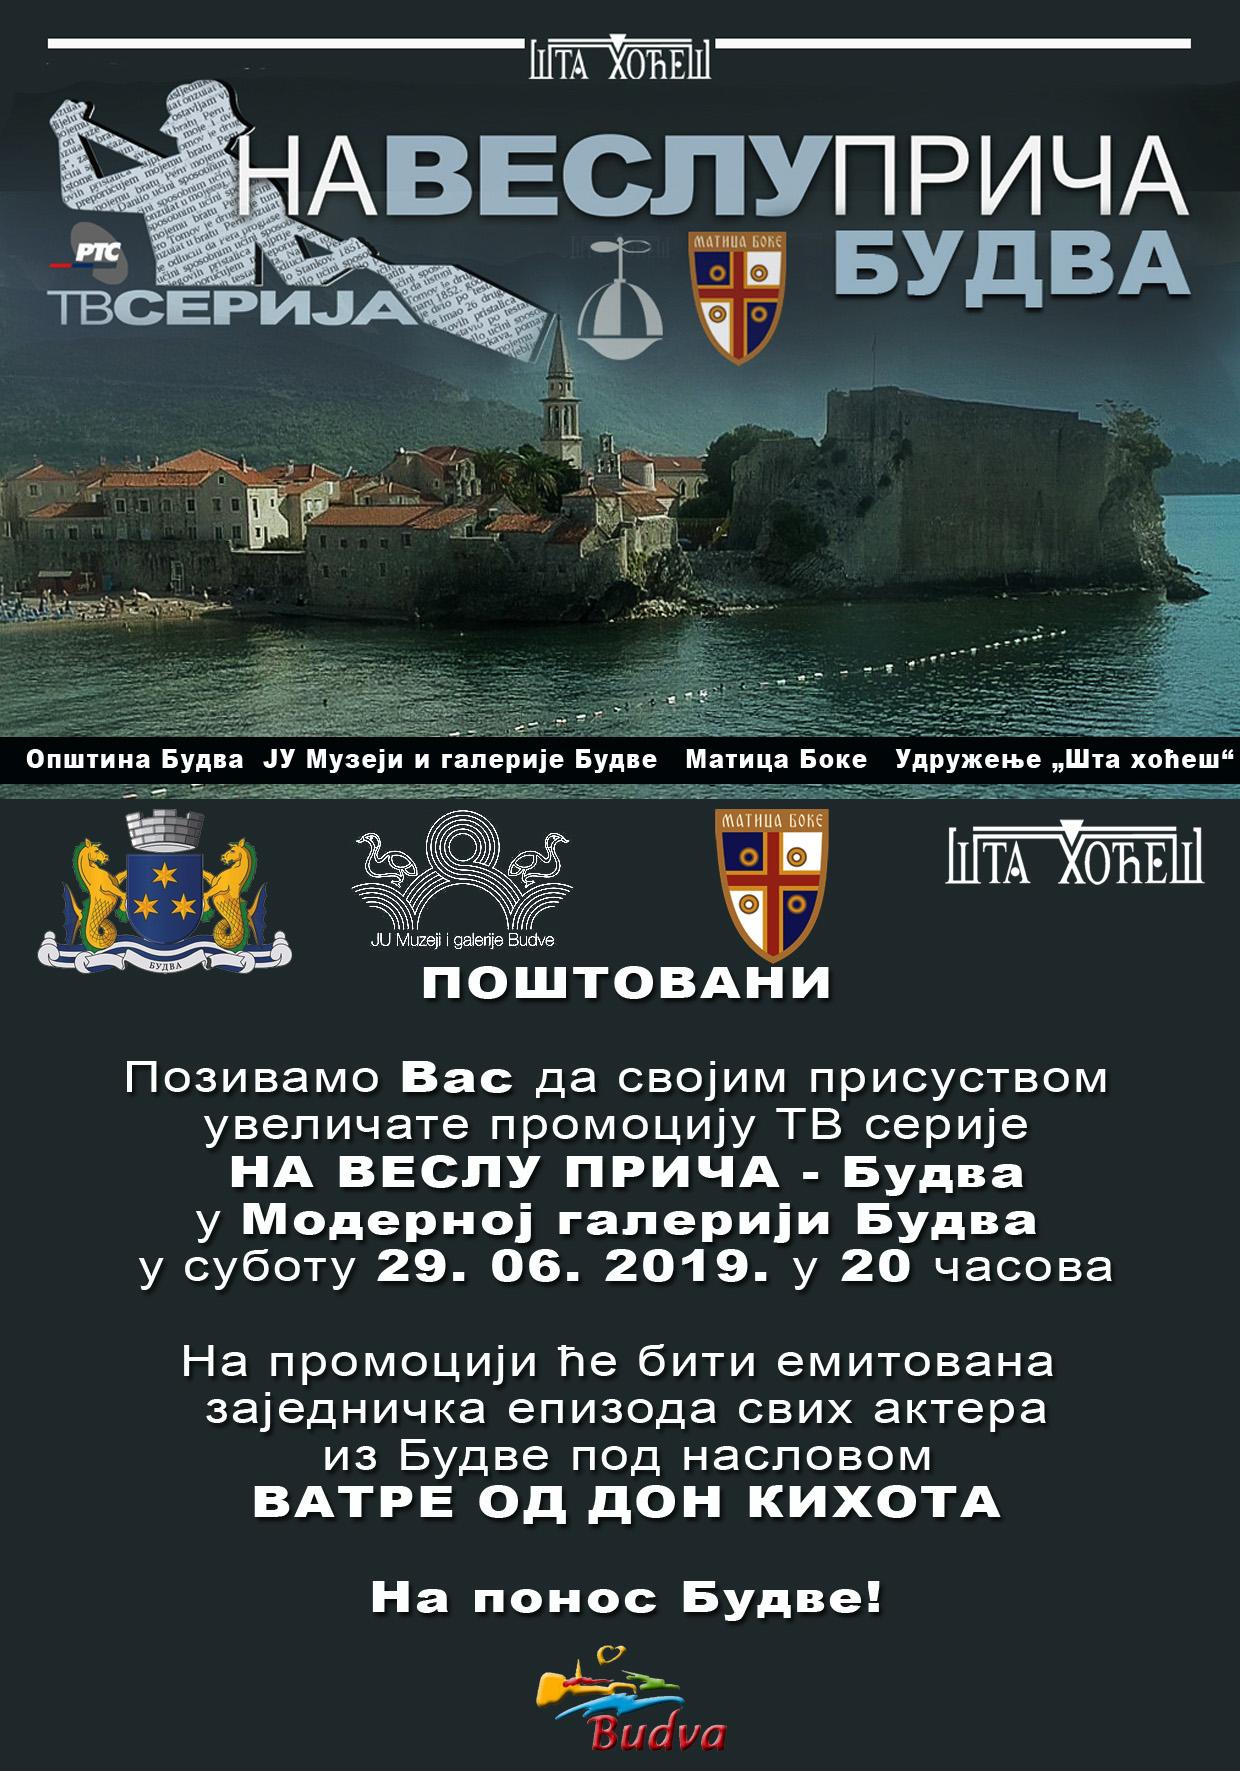 pozivnica_promocija_tv_serije_na_veslu_prica_2019_budva